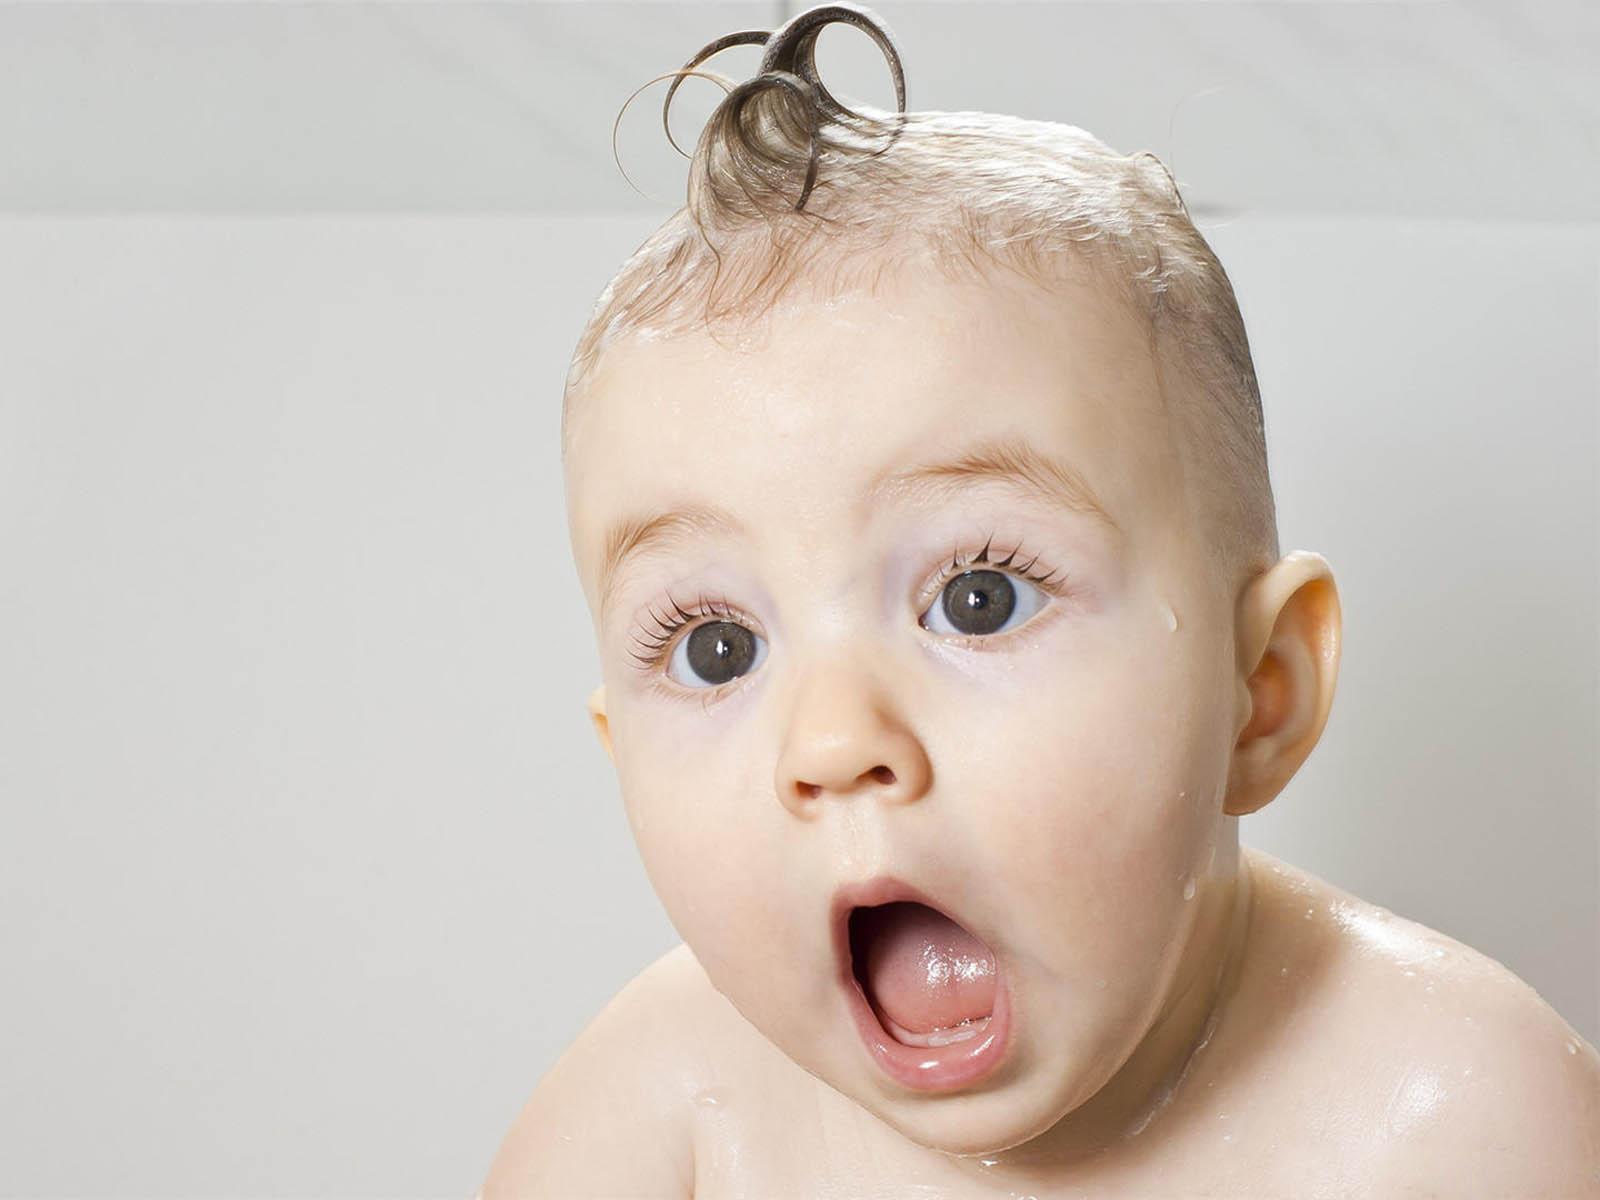 Image Result For  Gambar Bayi Baru Lahir Lucu